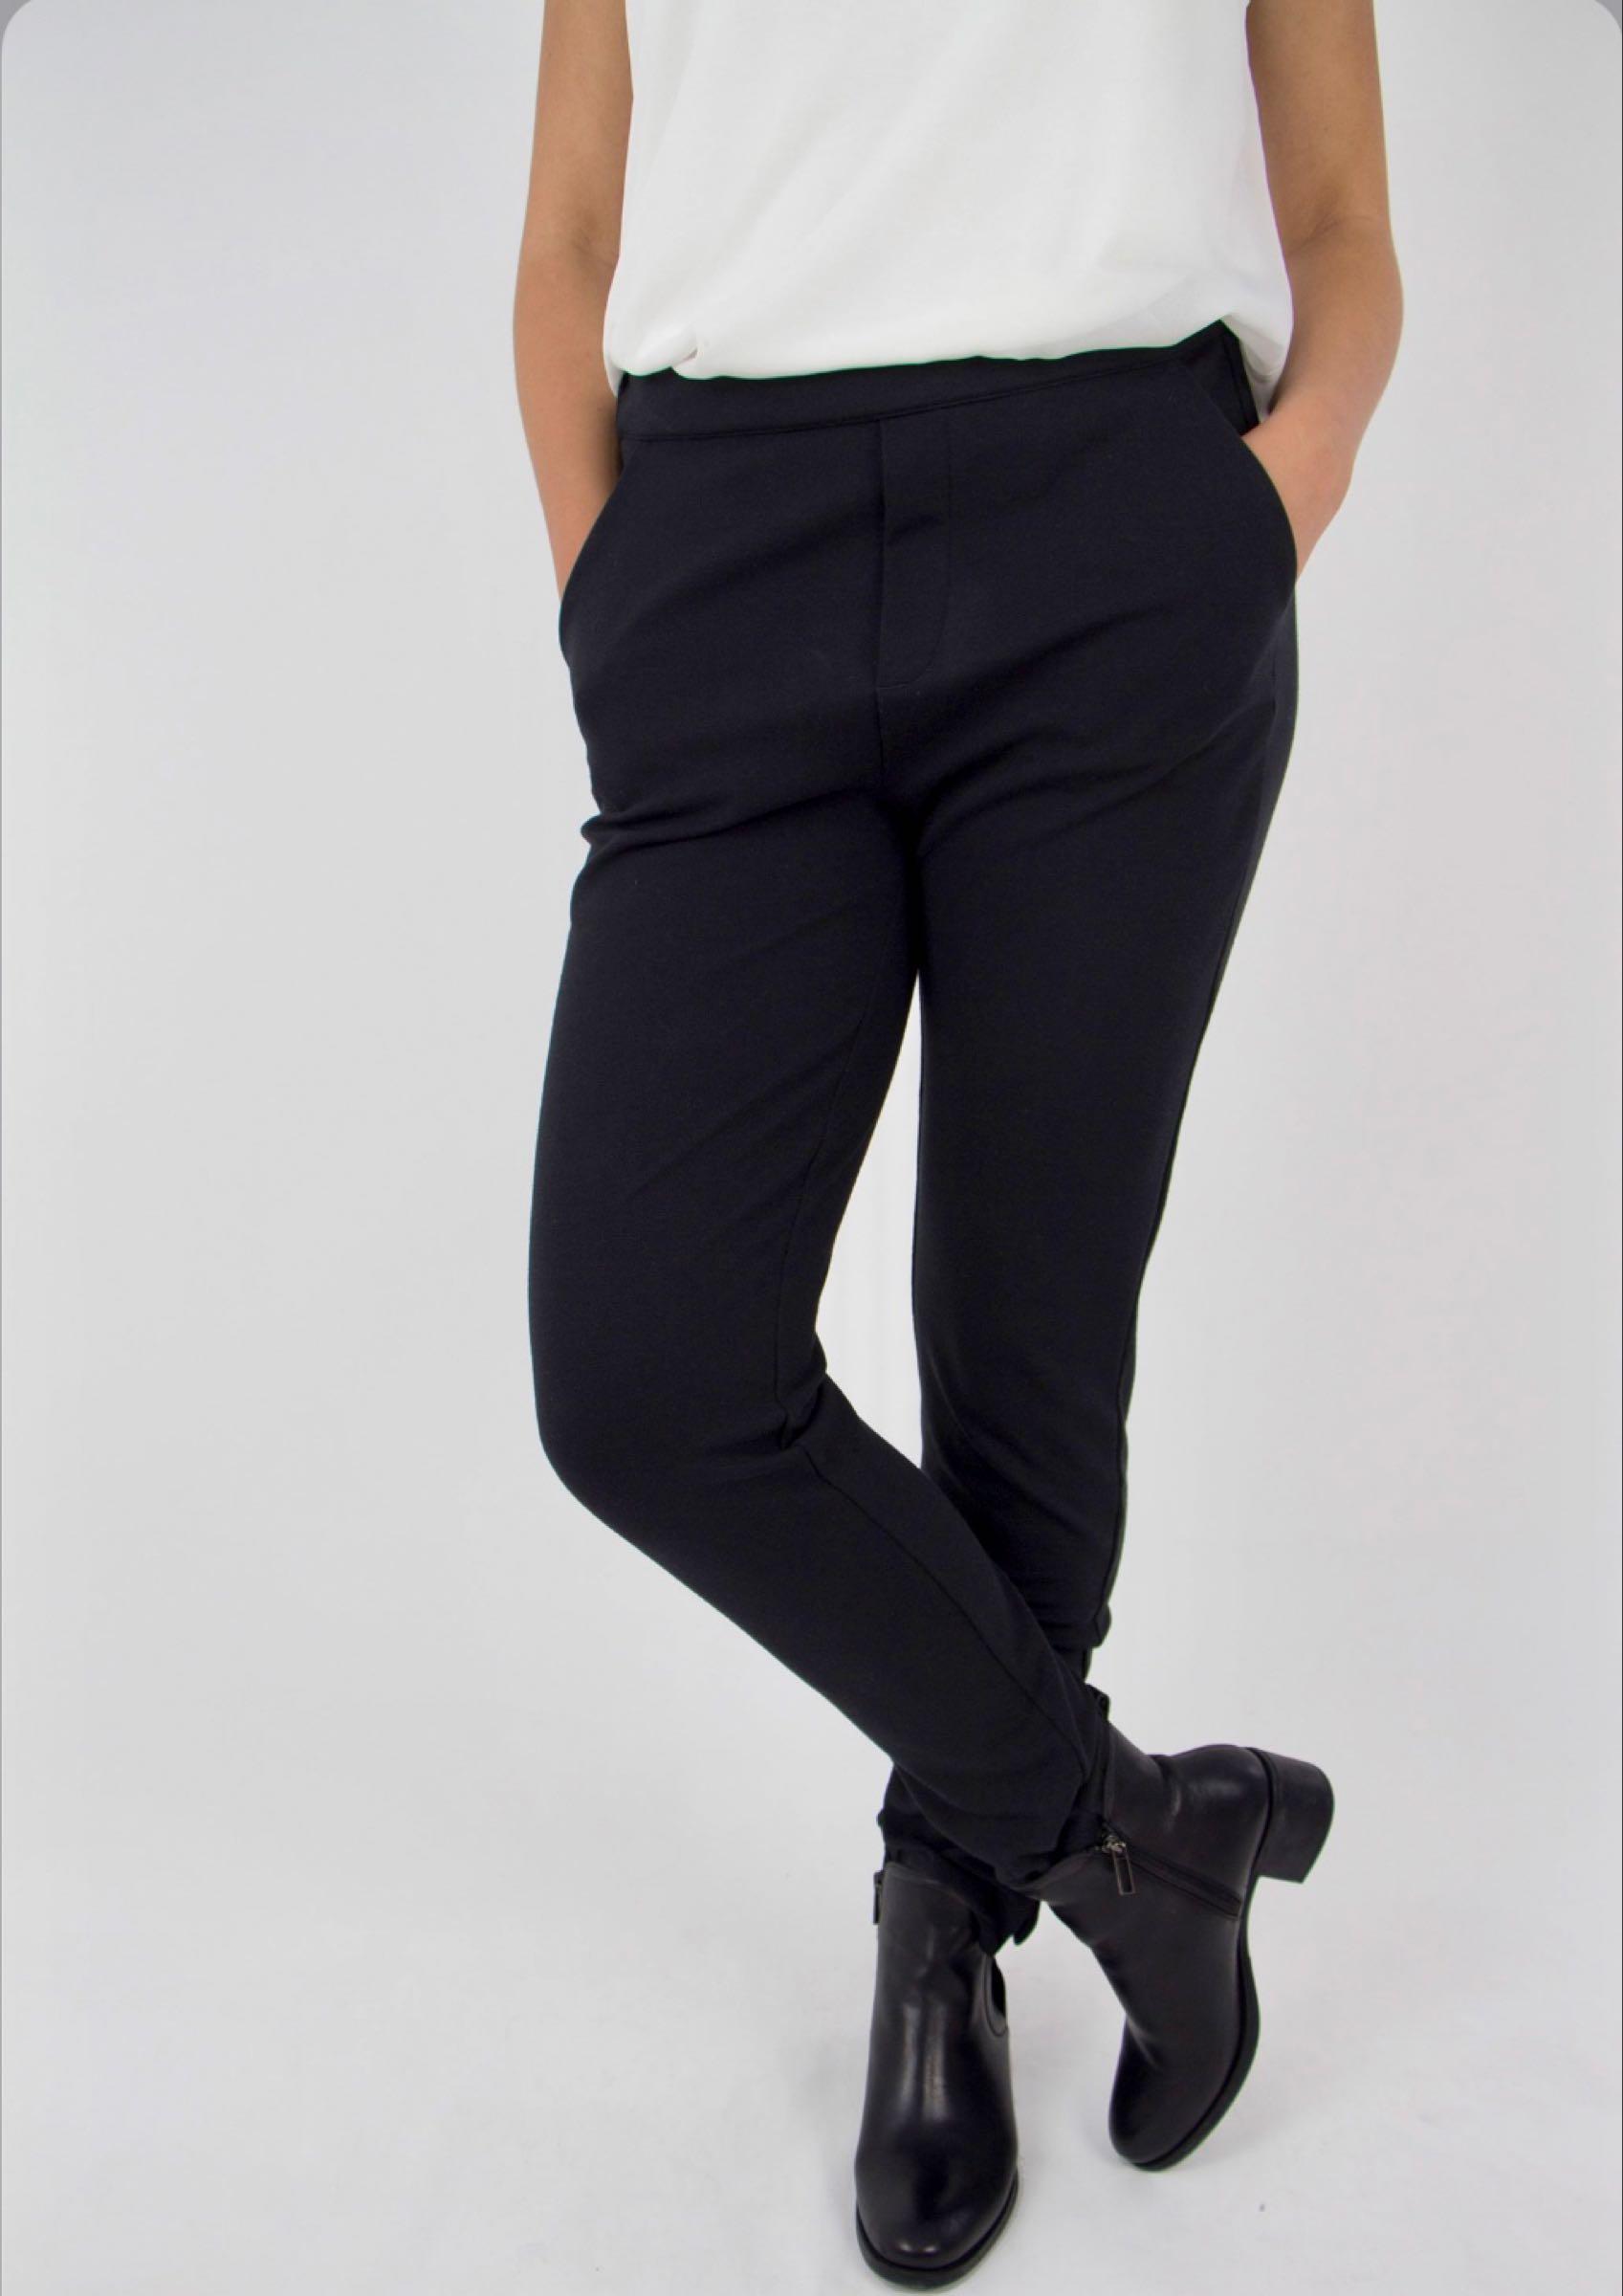 Adele pants